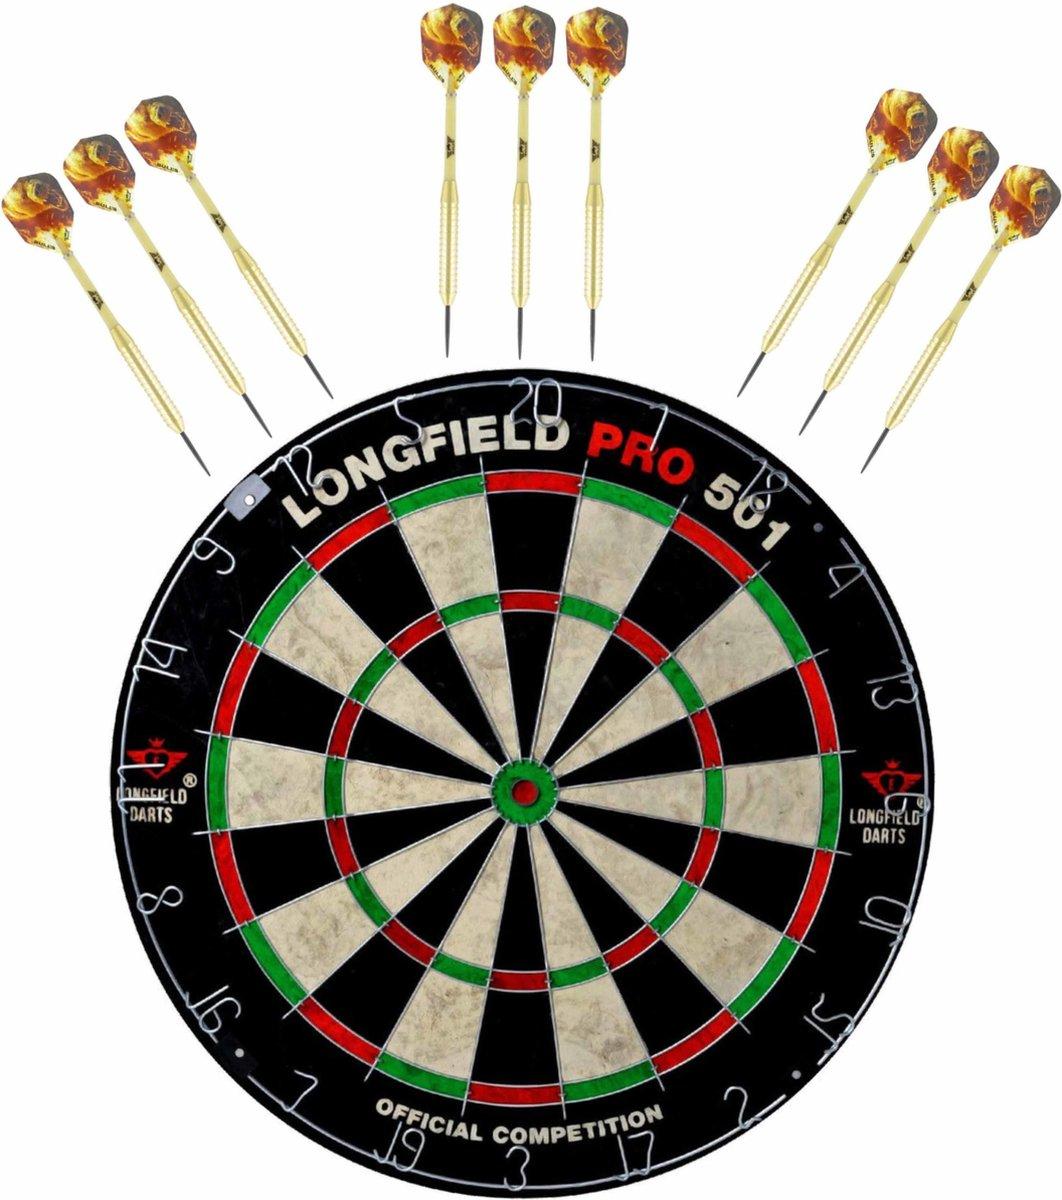 Dartbord set compleet van diameter 45.5 cm met 9x Bulls dartpijlen van 21 gram - Professioneel darten pakket